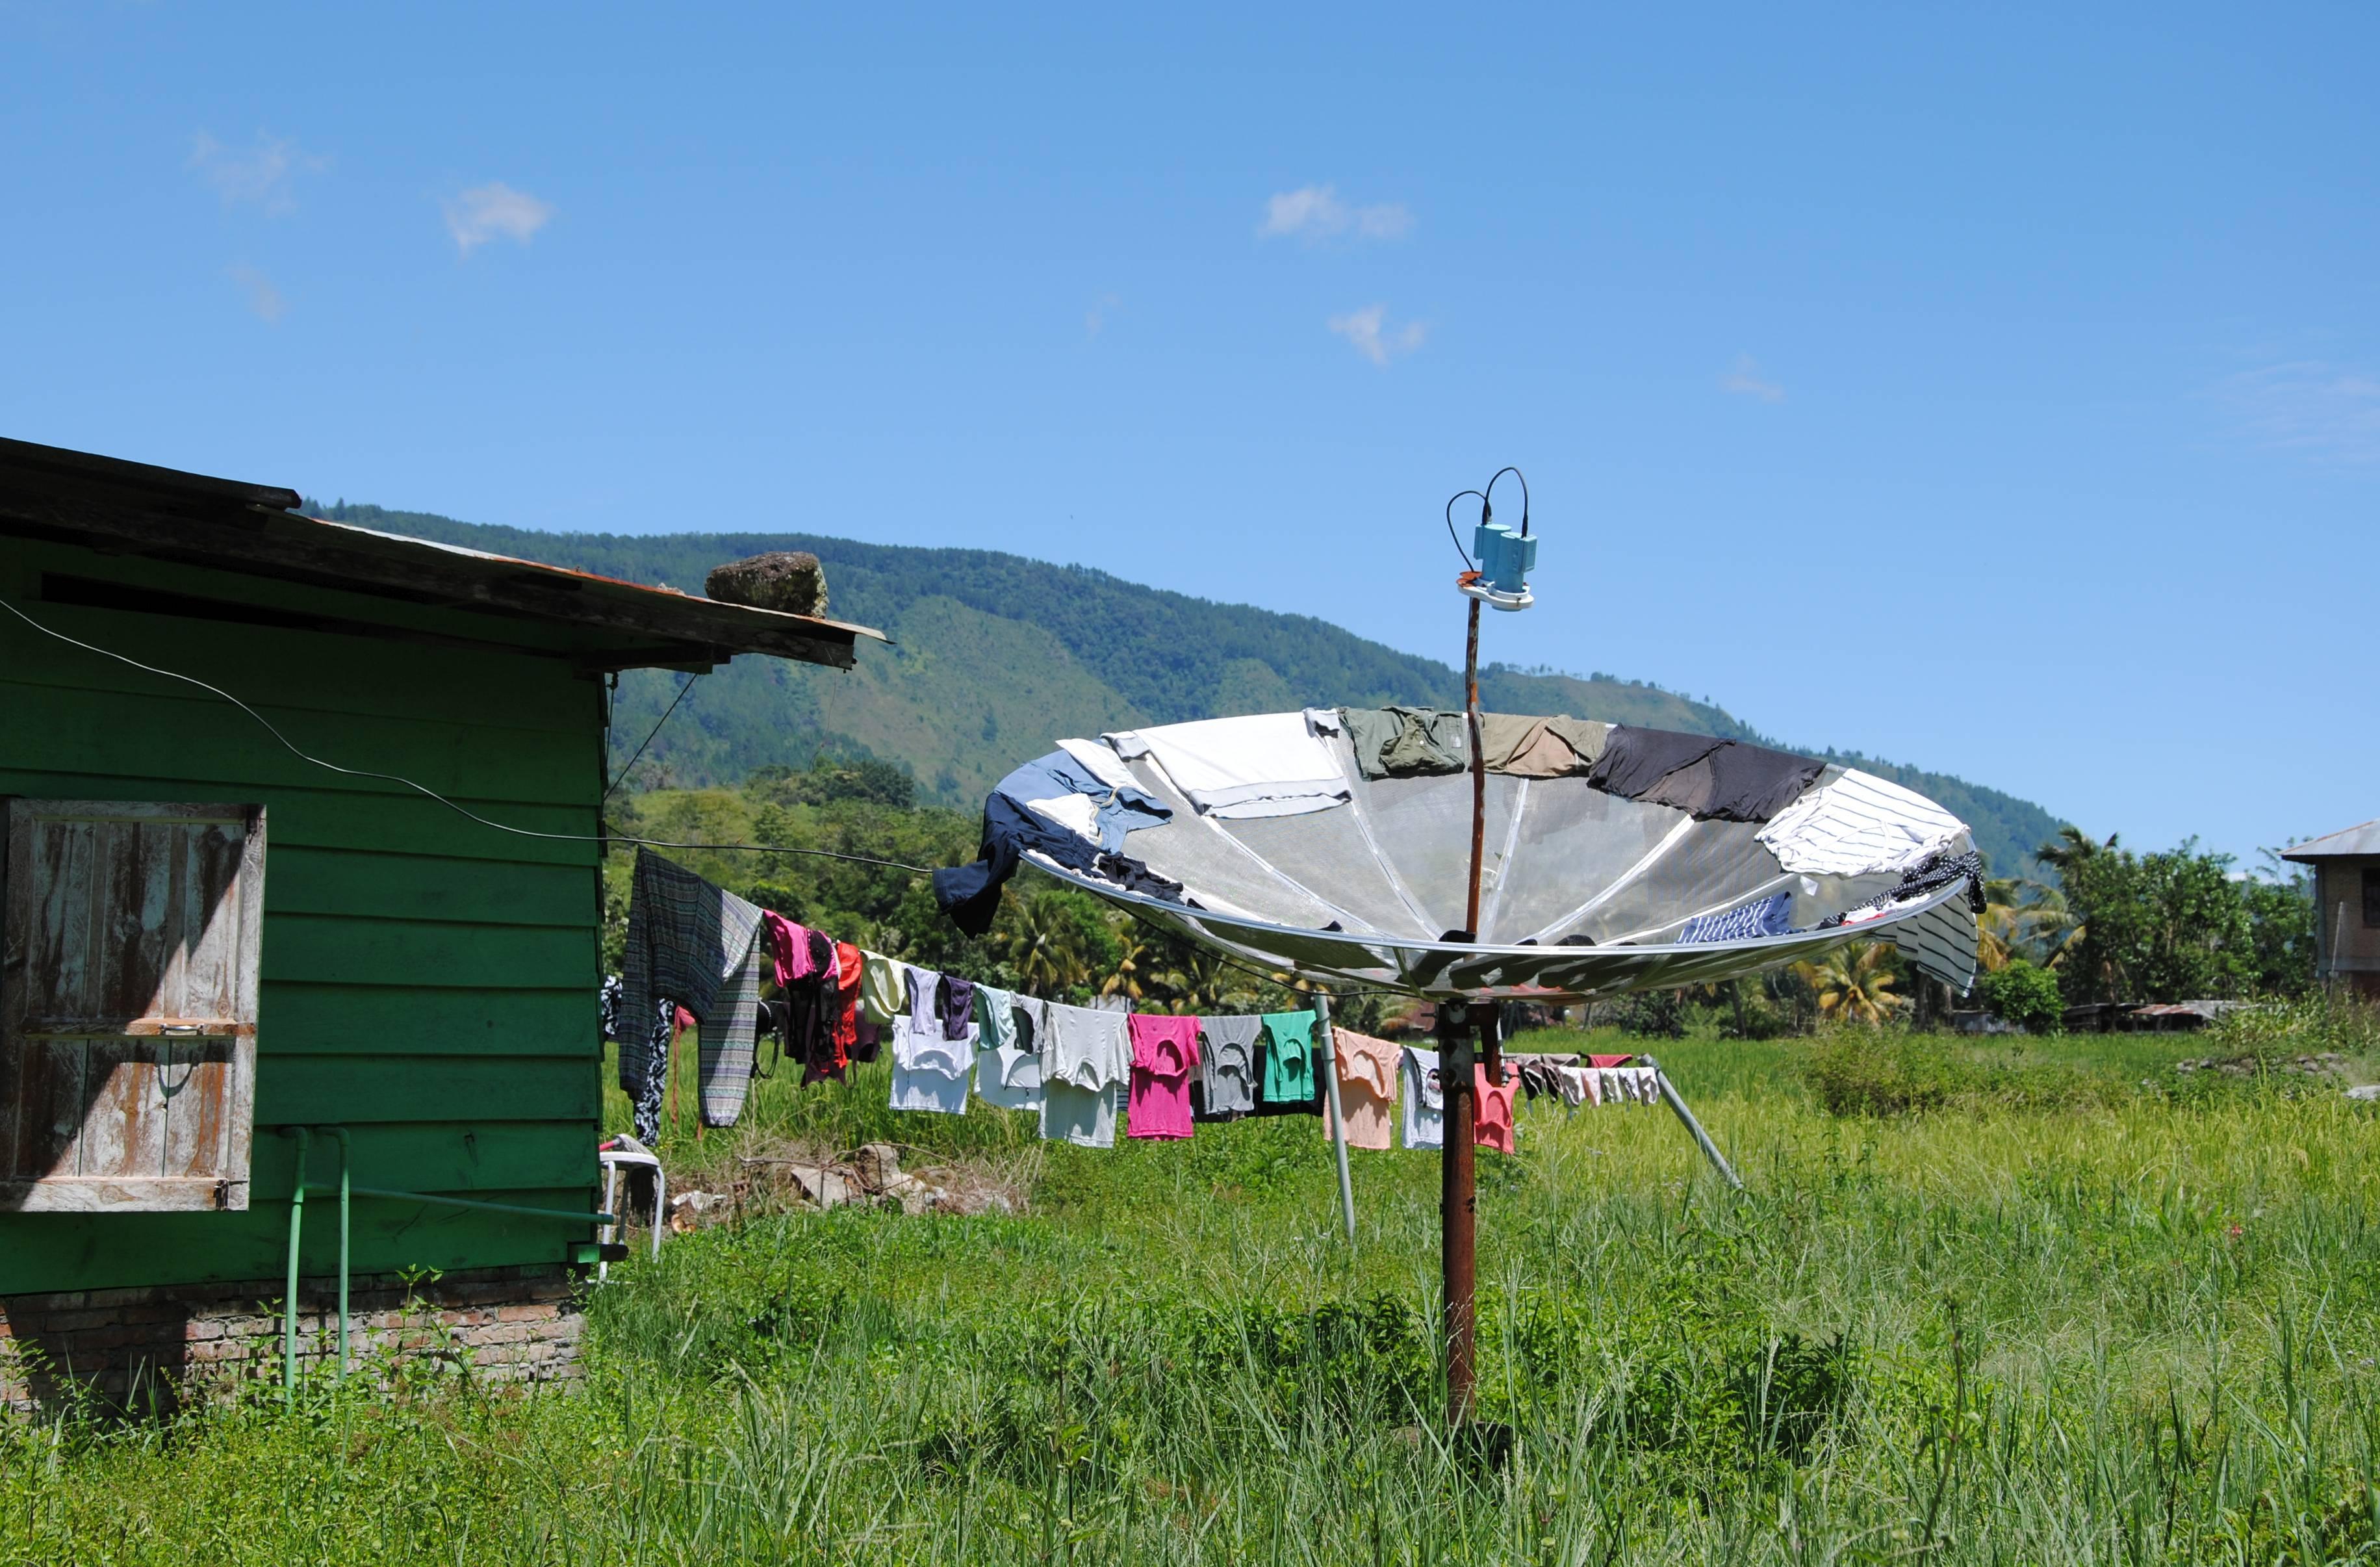 Eine Satelitenschüssel, auf der Wäsche zum Trocknen ausgelegt ist